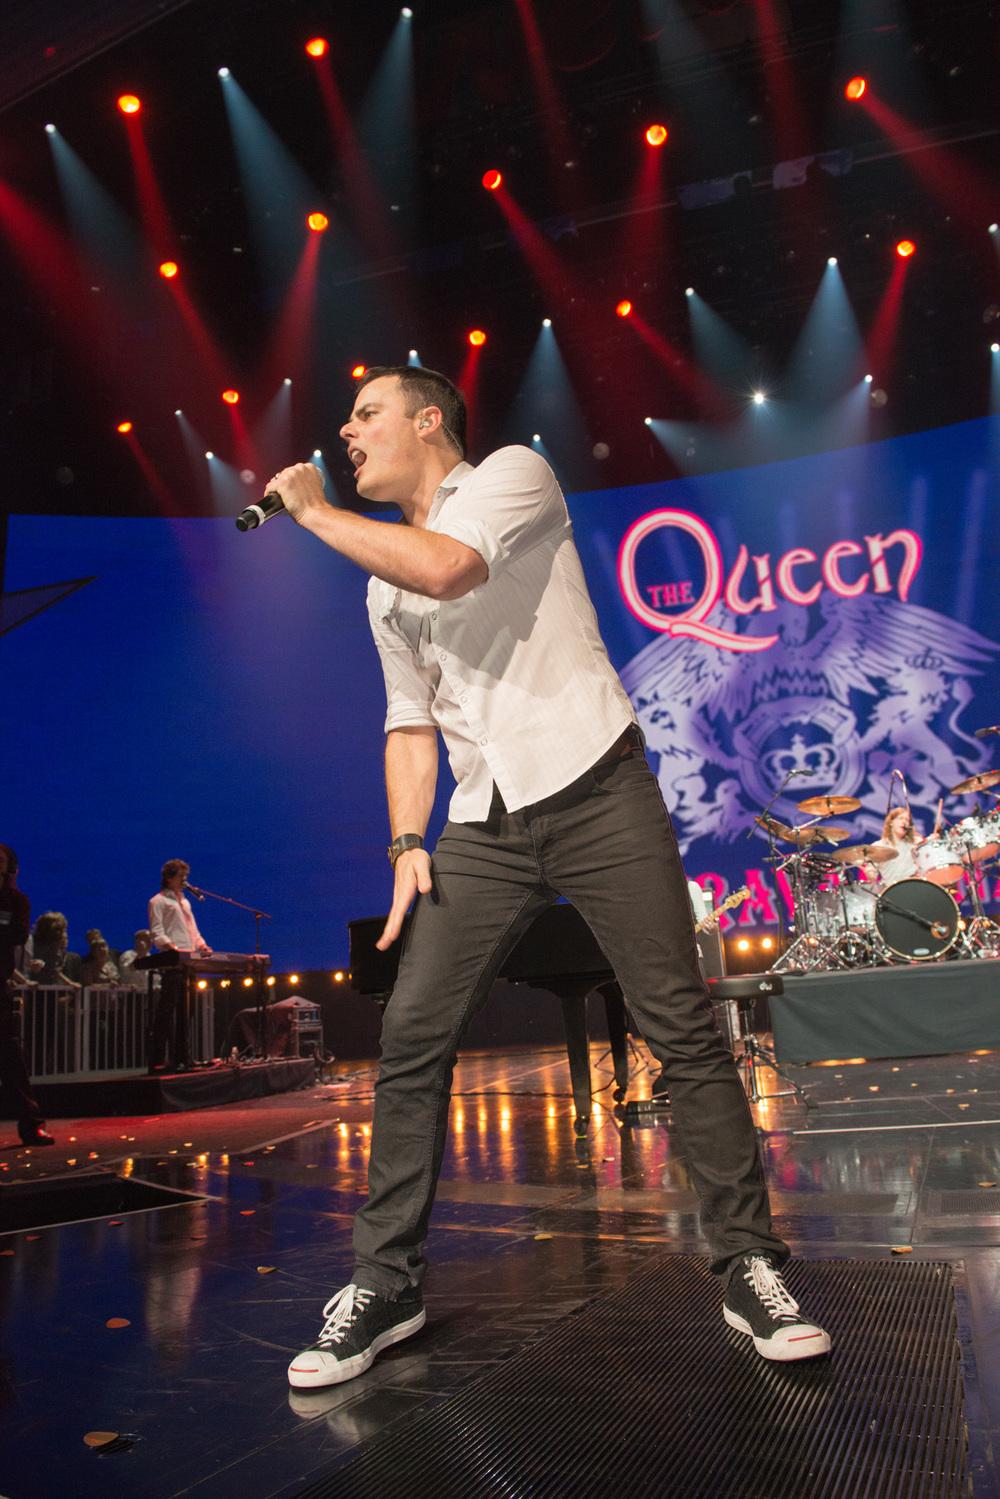 Queen-2013_13.jpg